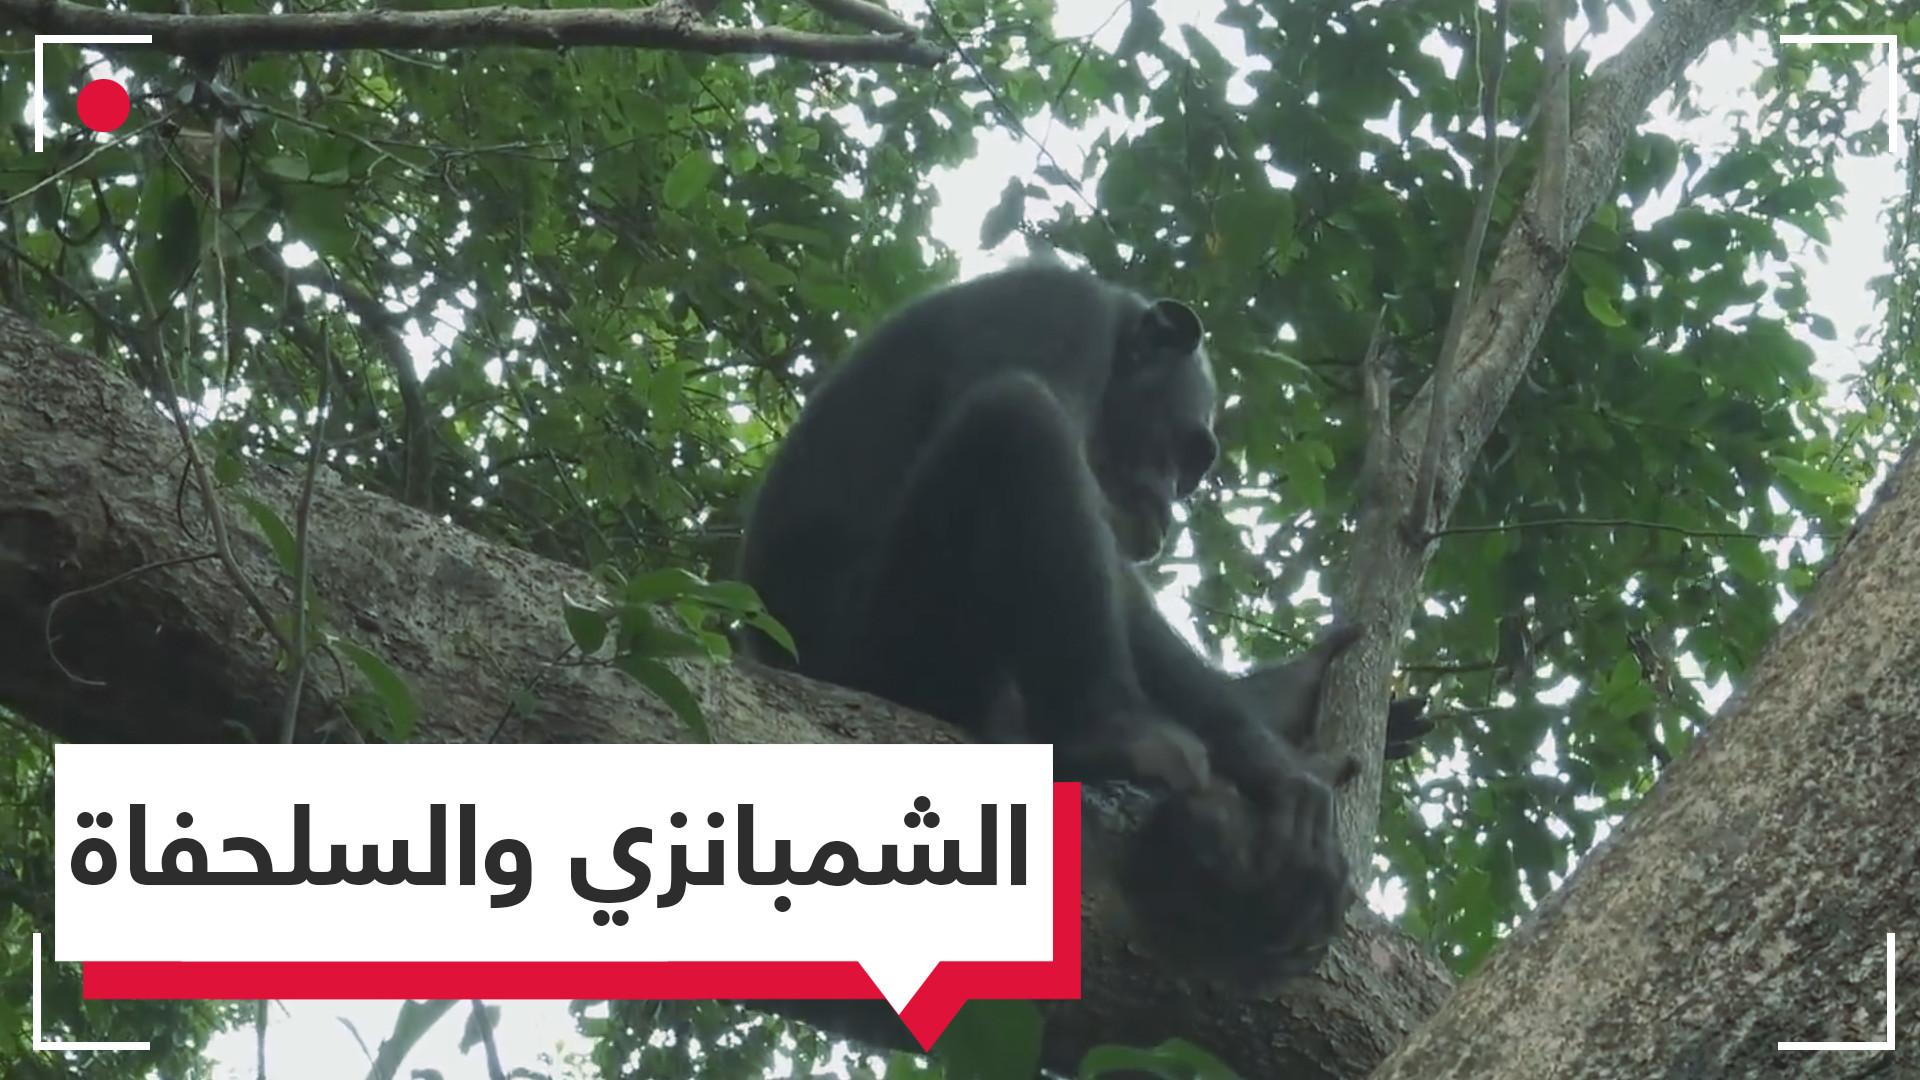 قرد شمبانزي يأكل سلحفاة